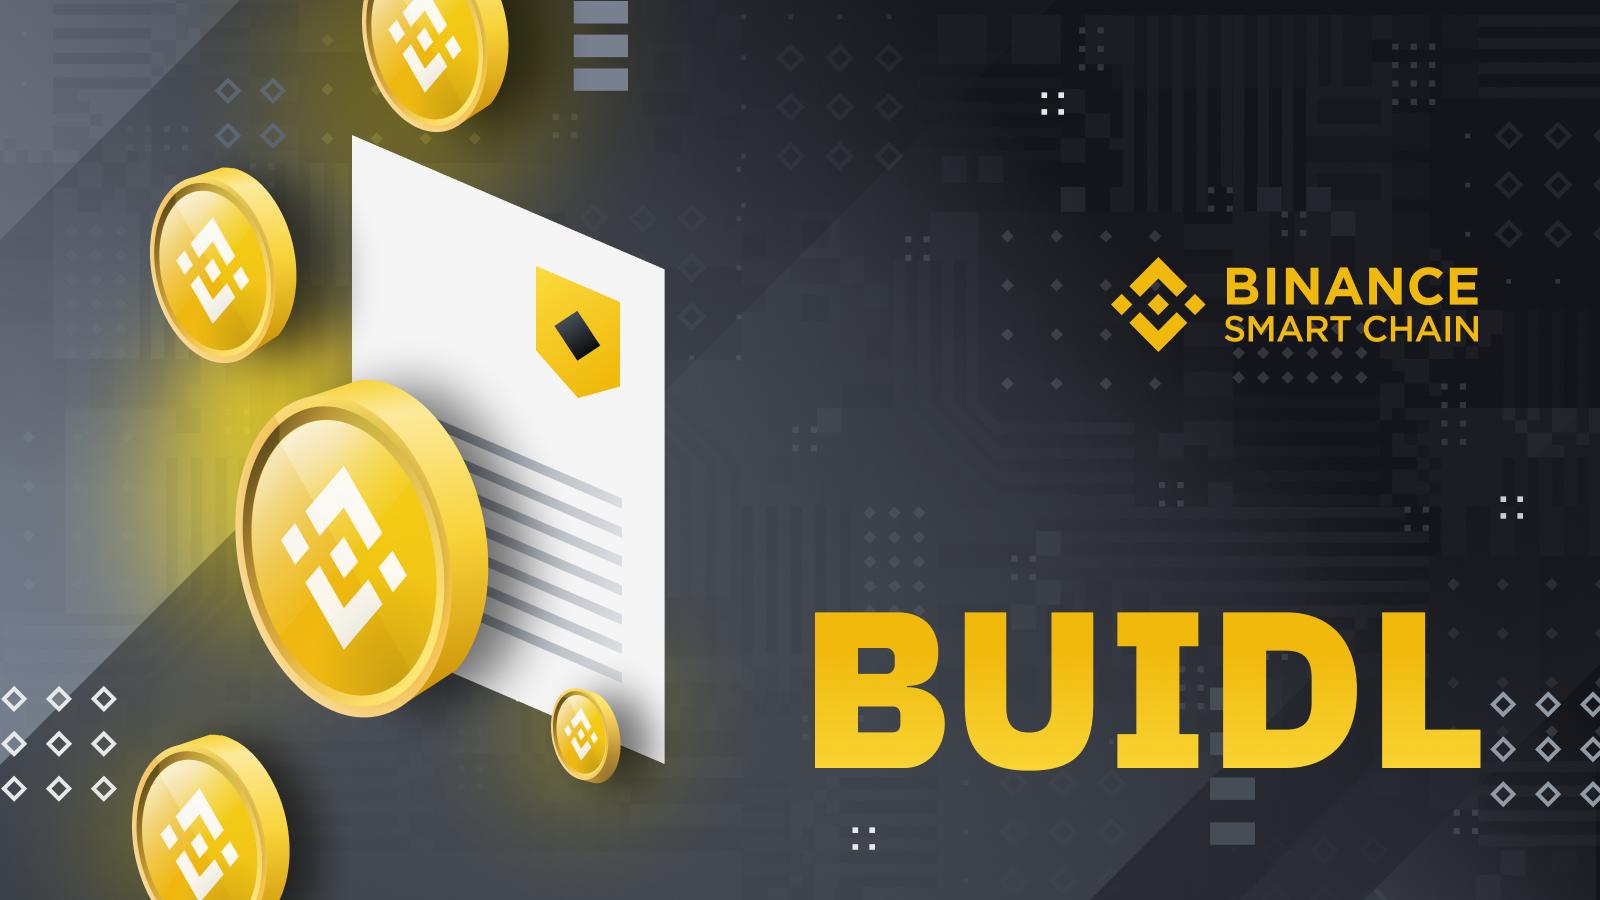 Open Registration for BUIDL Reward Program